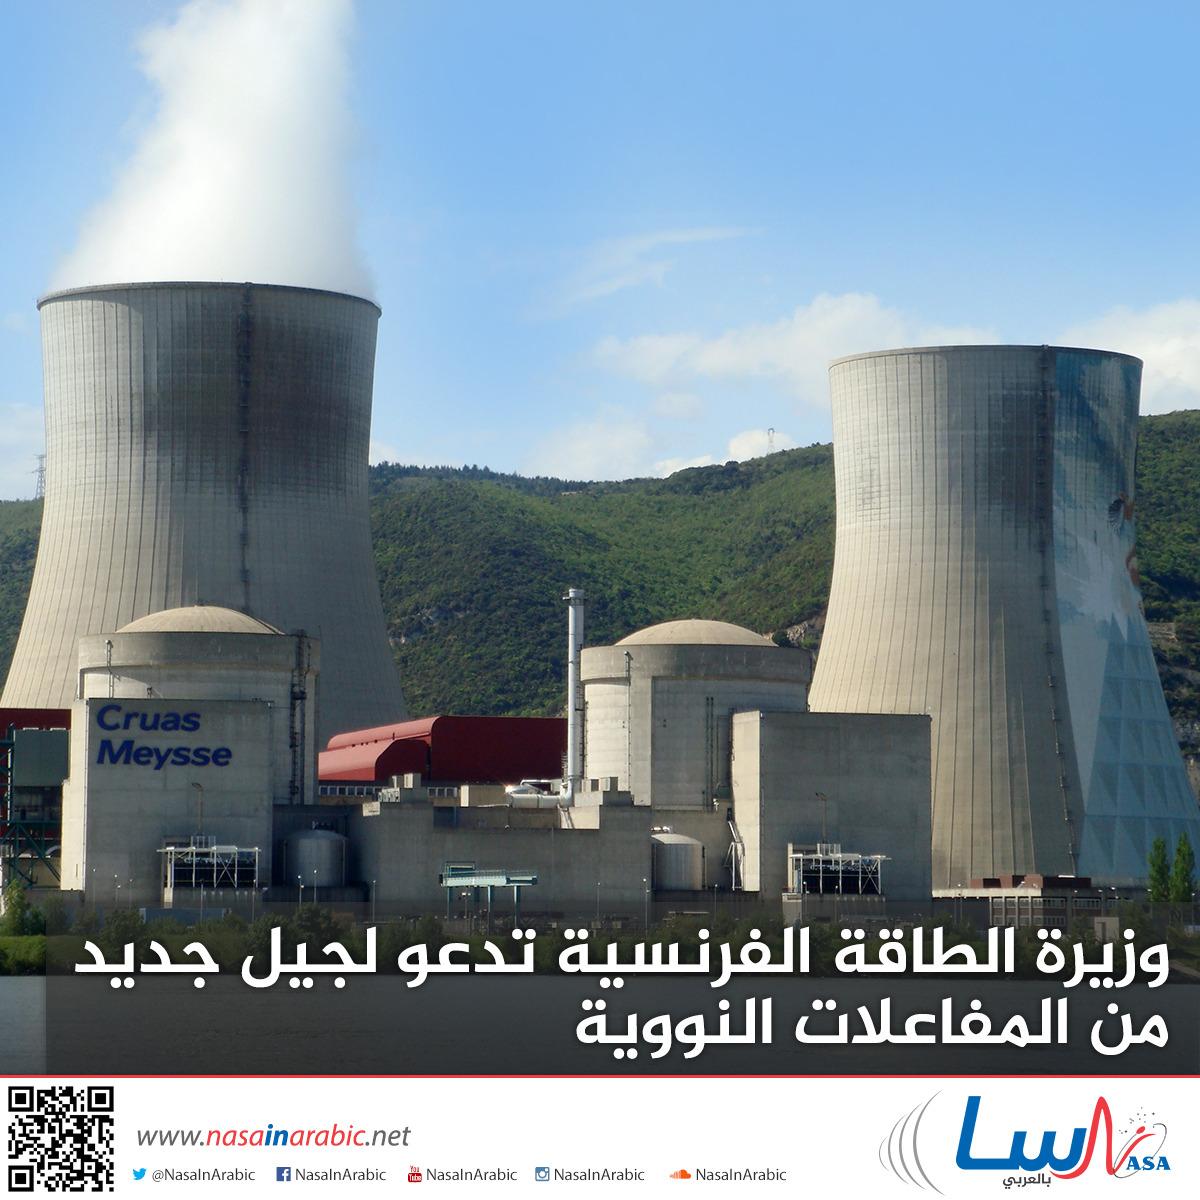 وزيرة الطاقة الفرنسية تدعو لجيل جديد من المفاعلات النووية